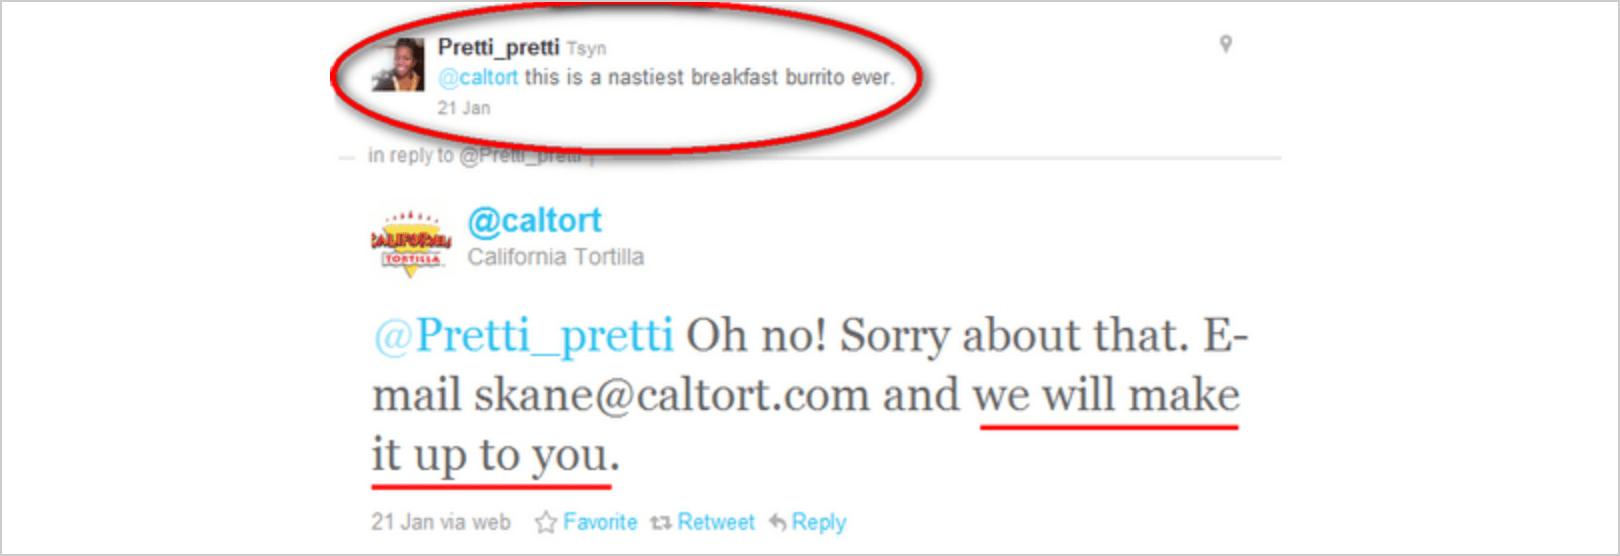 Example - Pretti Pretti